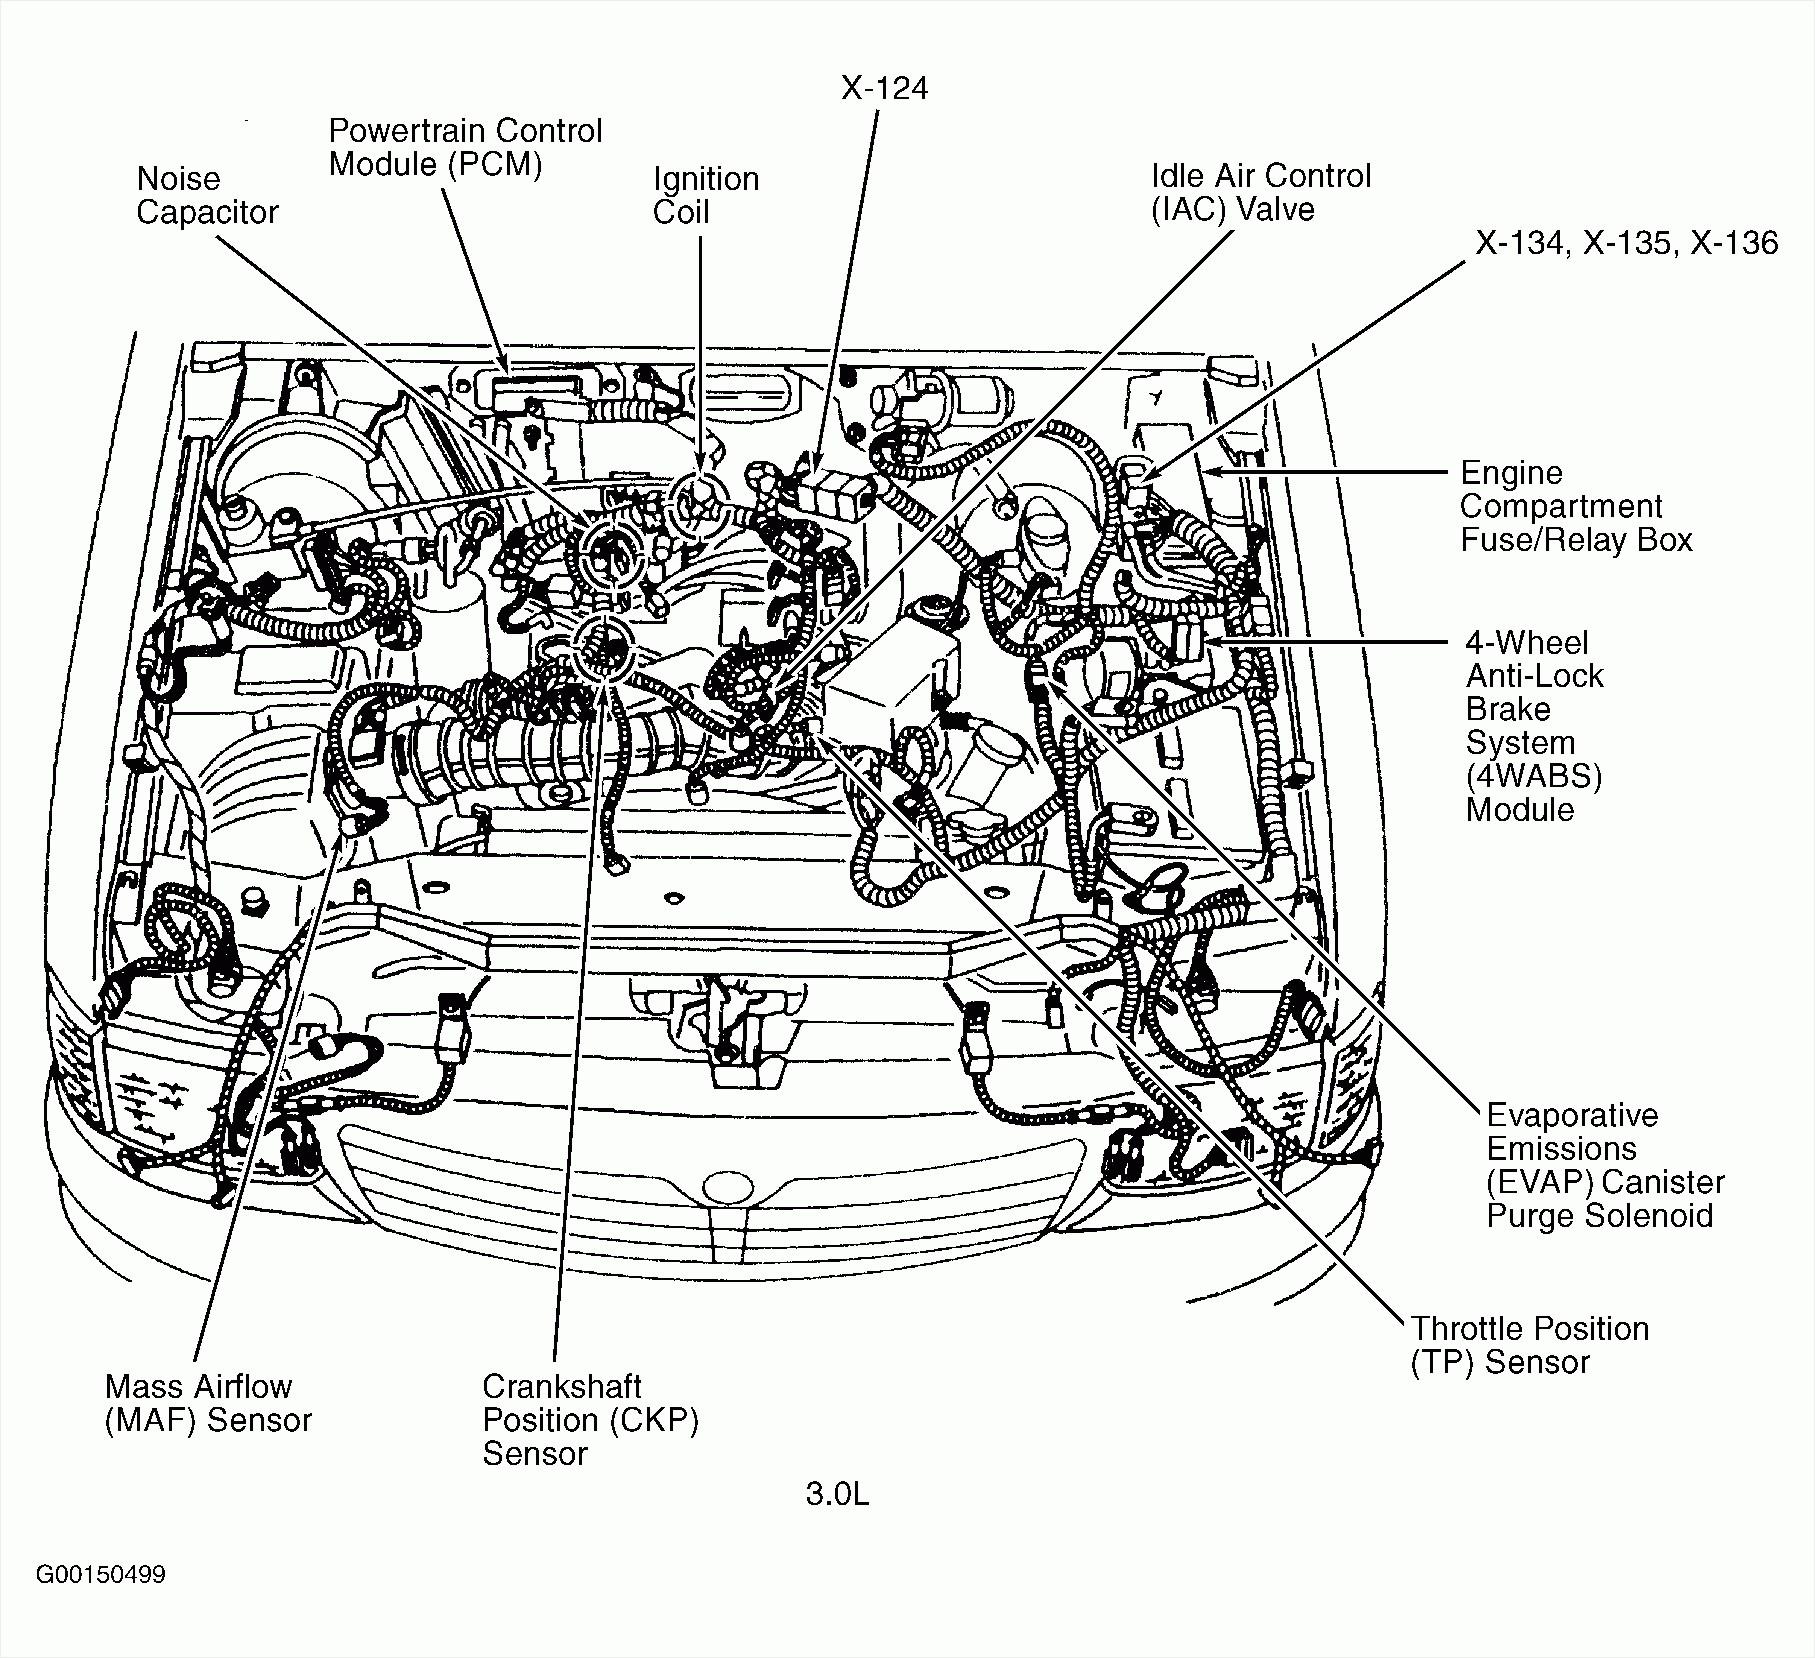 ZG440K] DODGE 440 40 LITER ENGINE DIAGRAM [Z440UG]   CIRCUIT TITLE ...